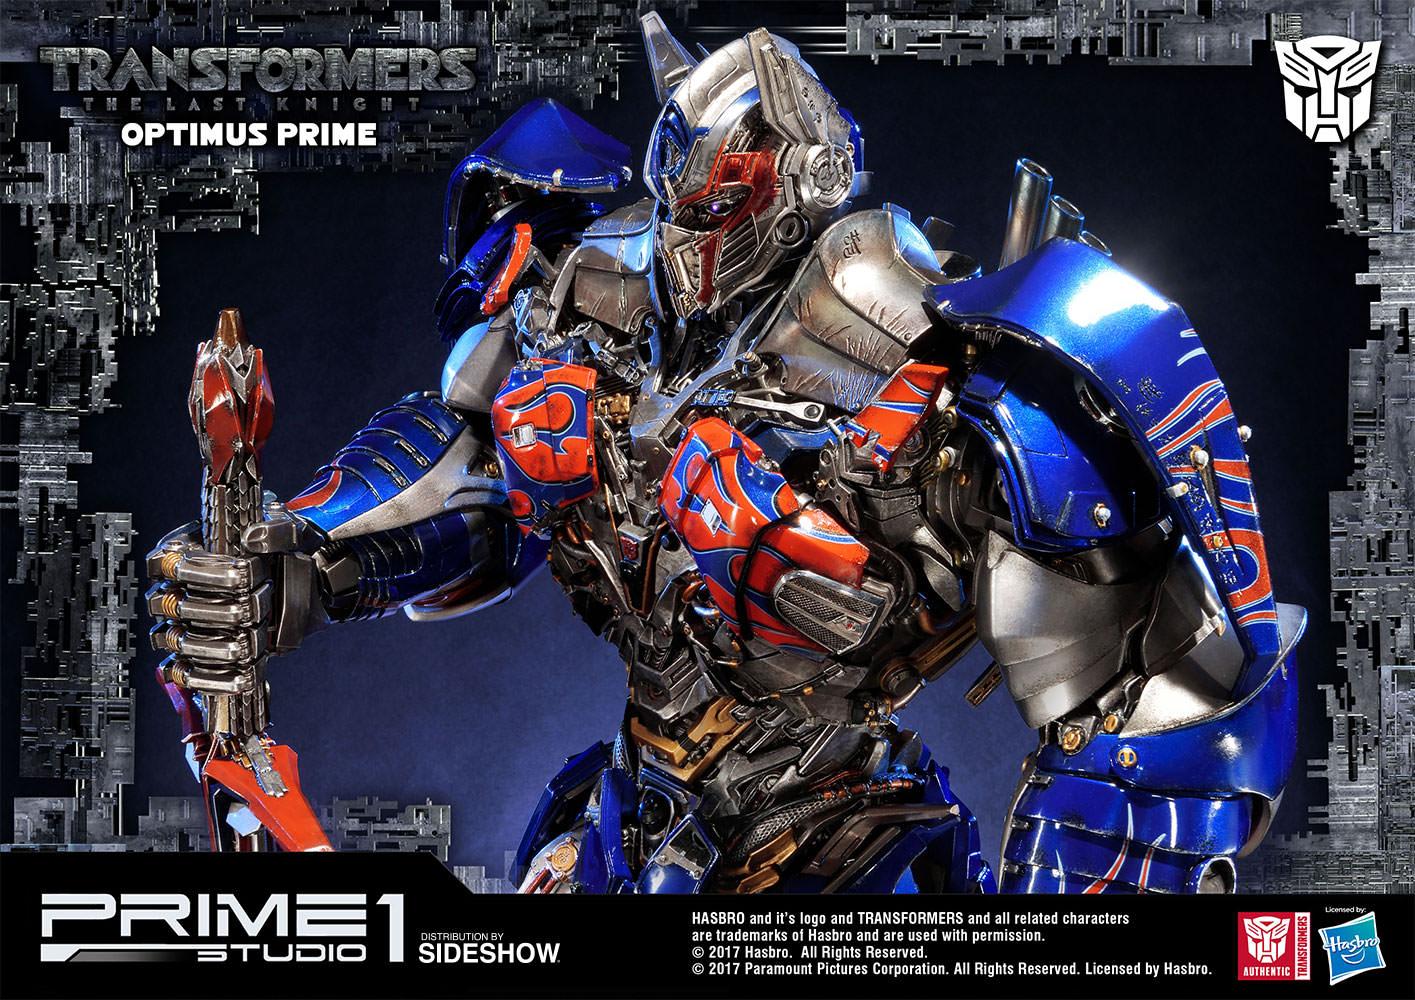 transformers optimus prime statueprime 1 studio | sideshow